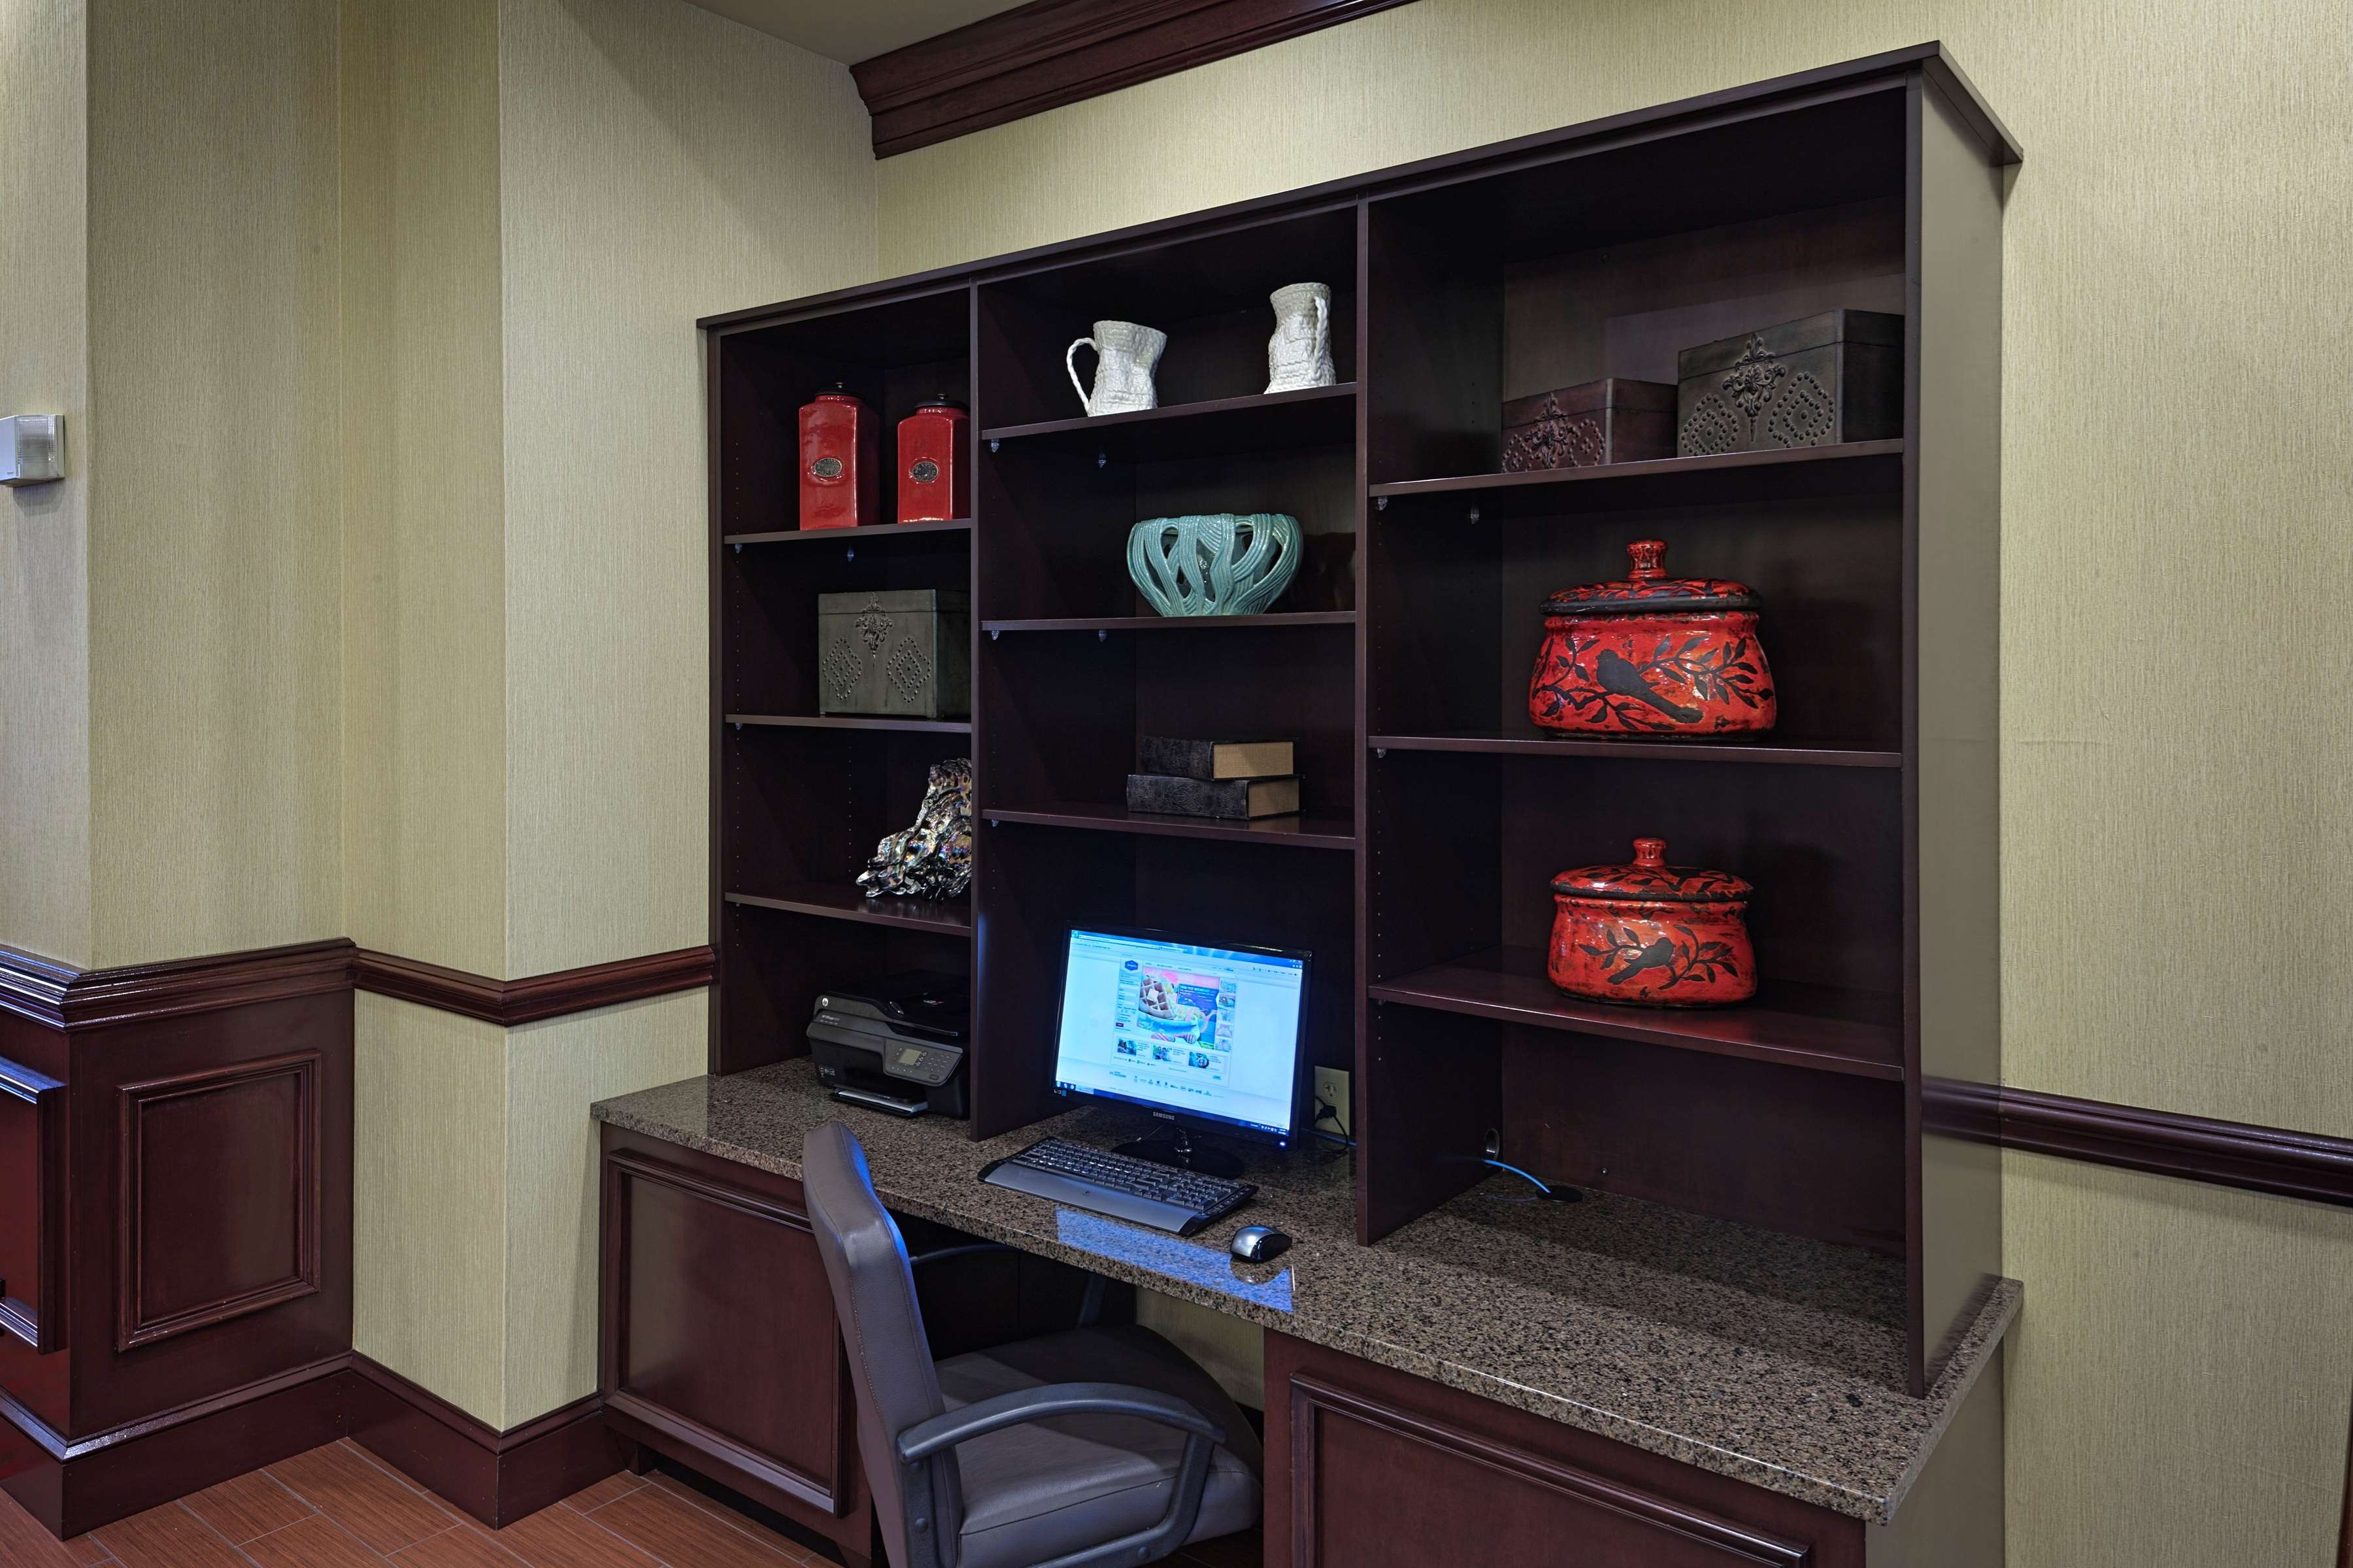 Hampton Inn & Suites Asheville-I-26 image 38